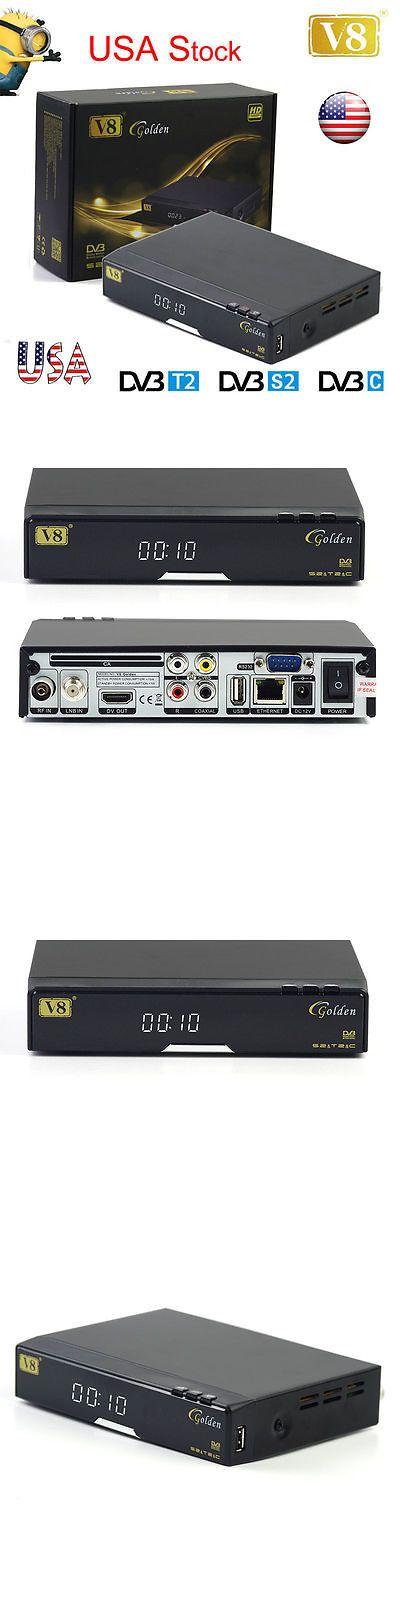 Satellite TV Receivers: Genuine Fta Freesat V8 Golden Full Hd Dvb-S2 Dvb-T2 Dvb-C Satellite Tv Receiver -> BUY IT NOW ONLY: $56 on eBay!